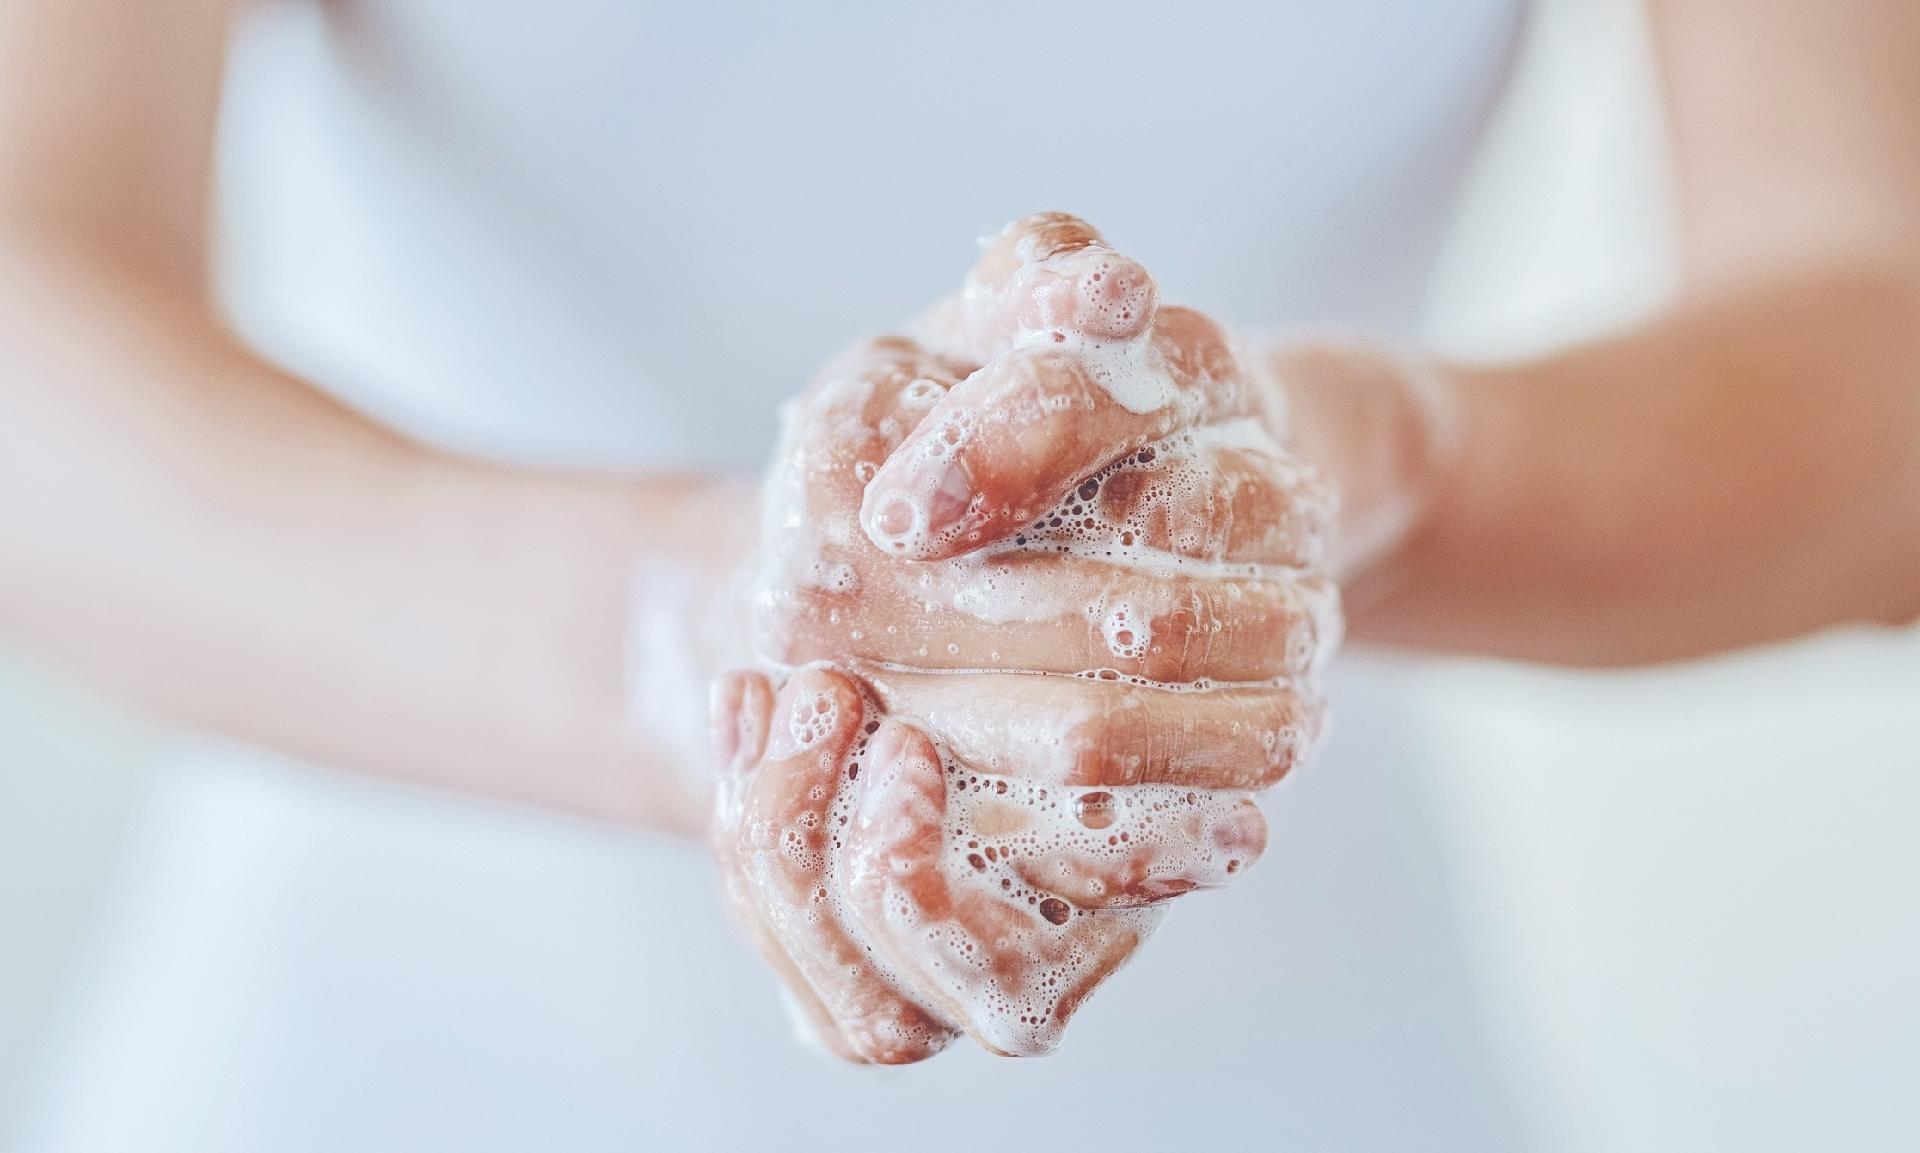 Lavar o rosto - por que, a forma correta e quais cuidados